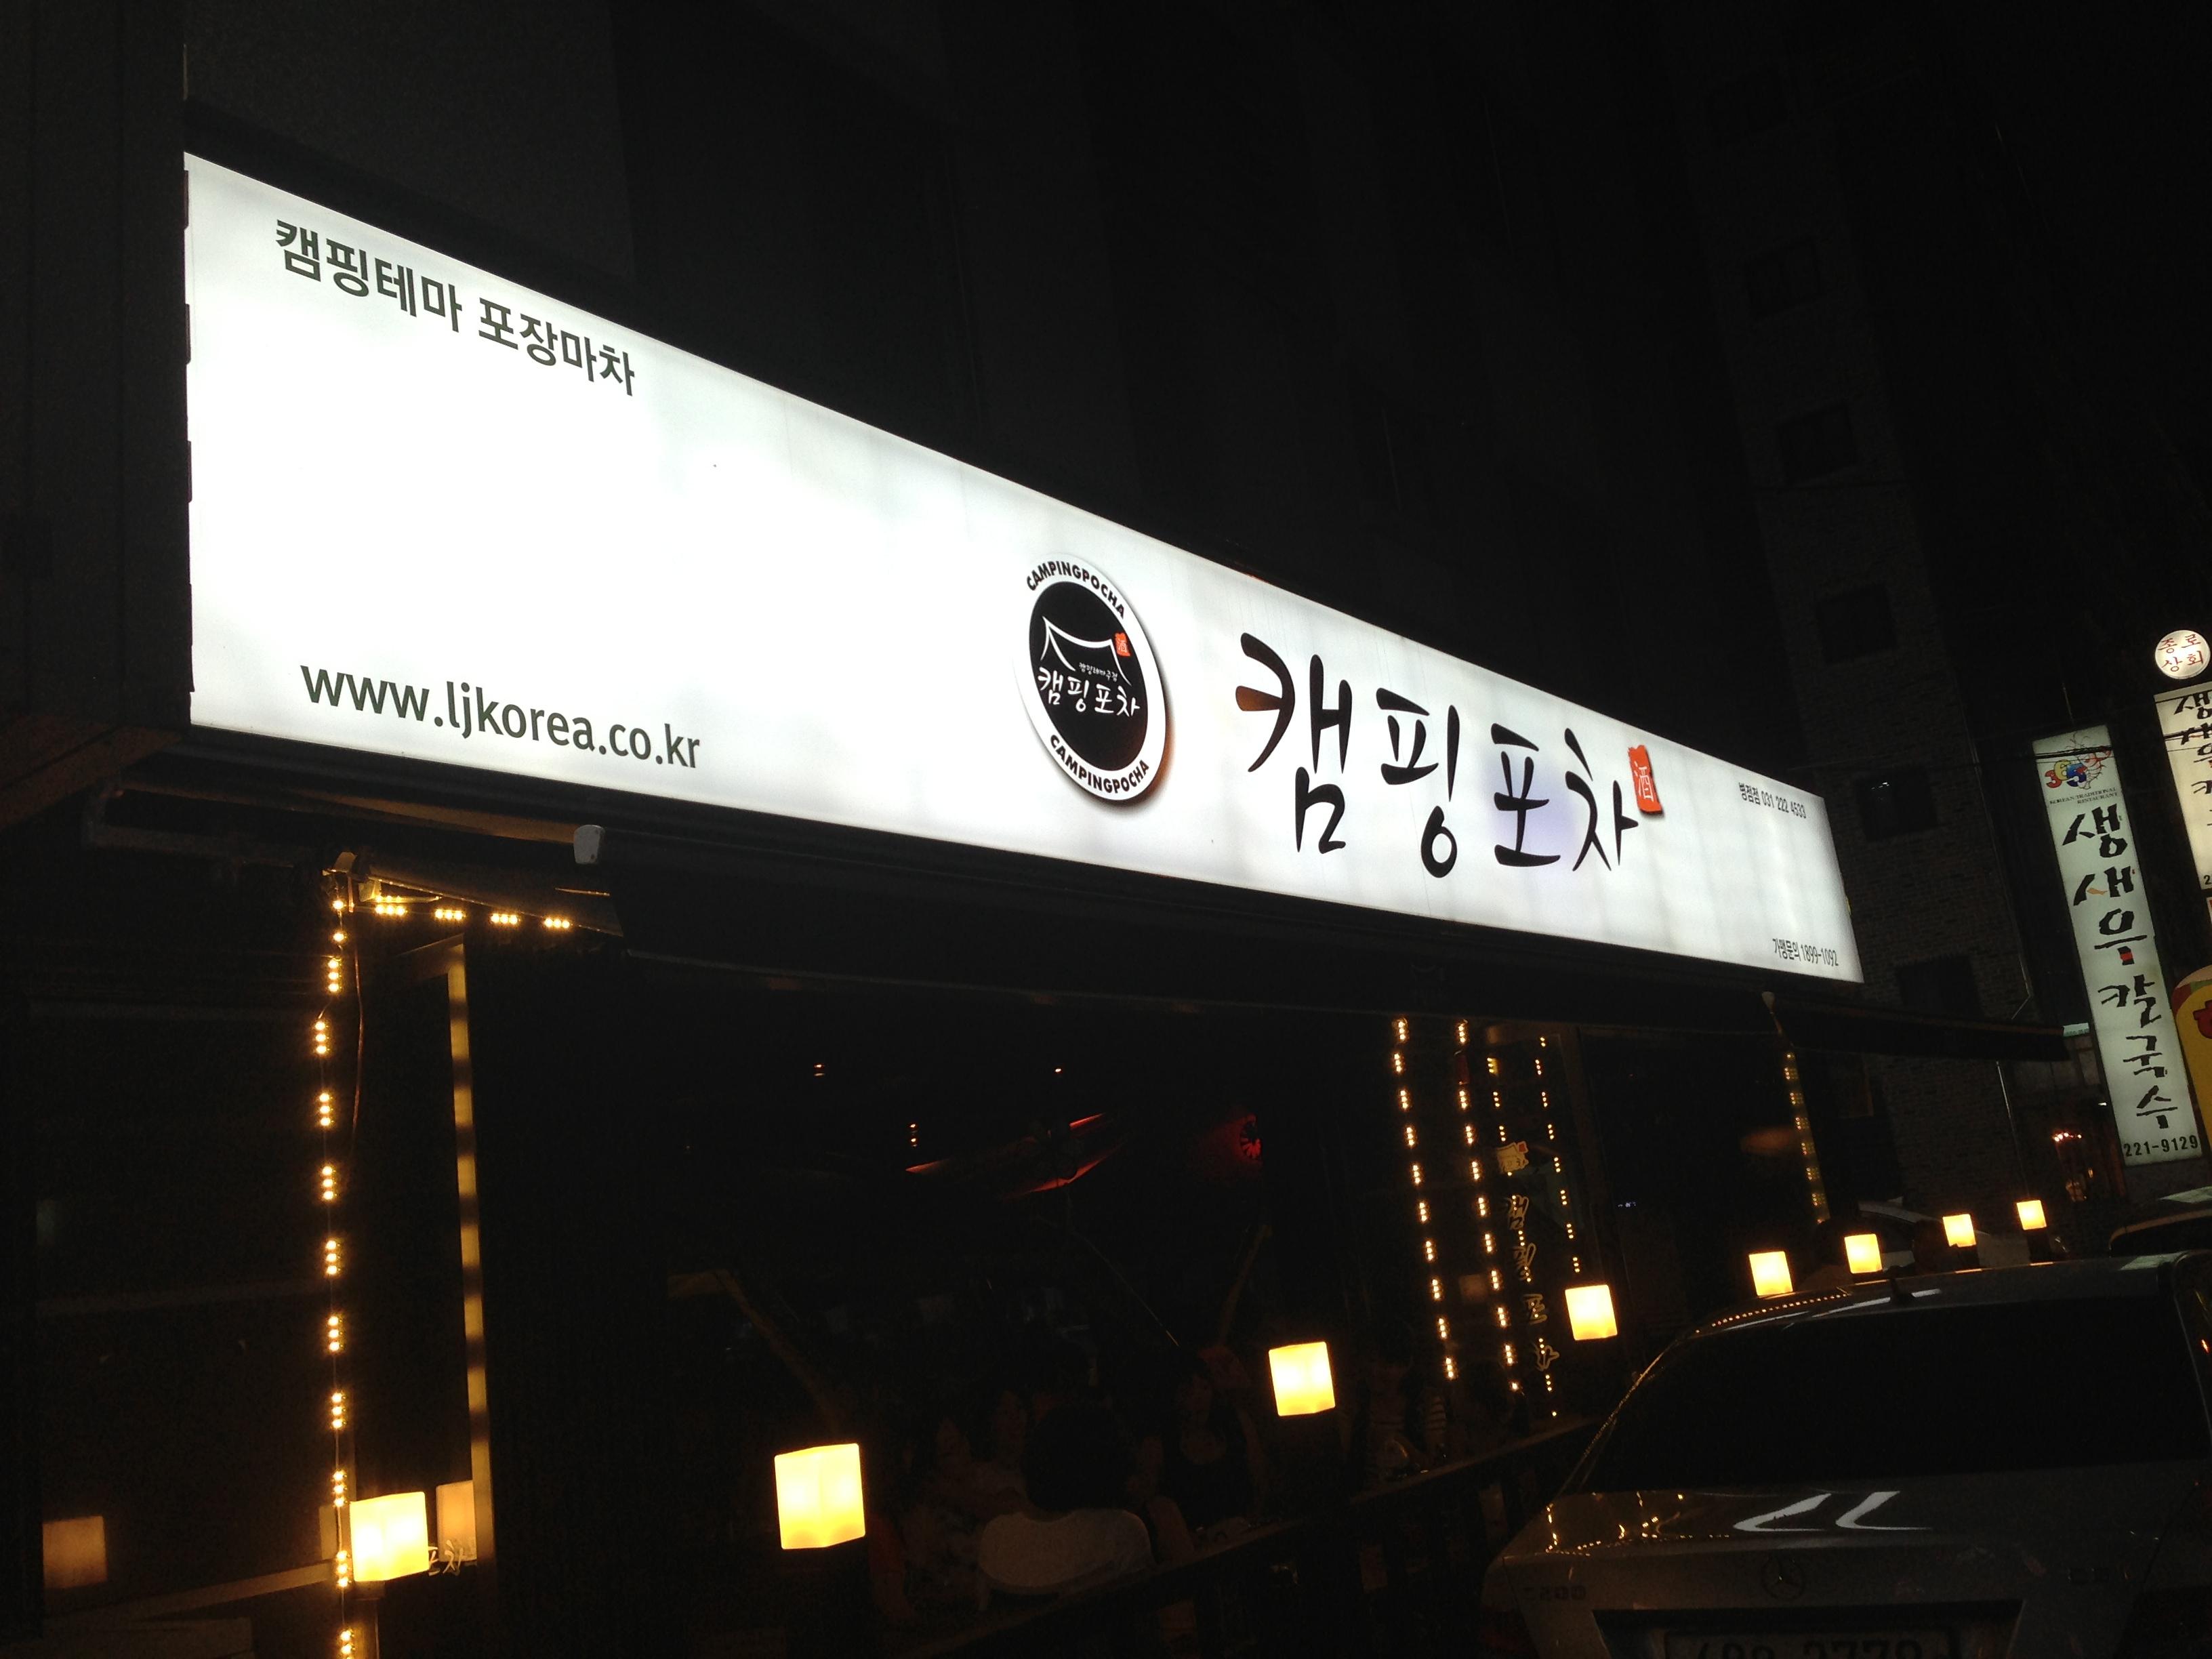 화성병점 맛집 캠핑포차:)